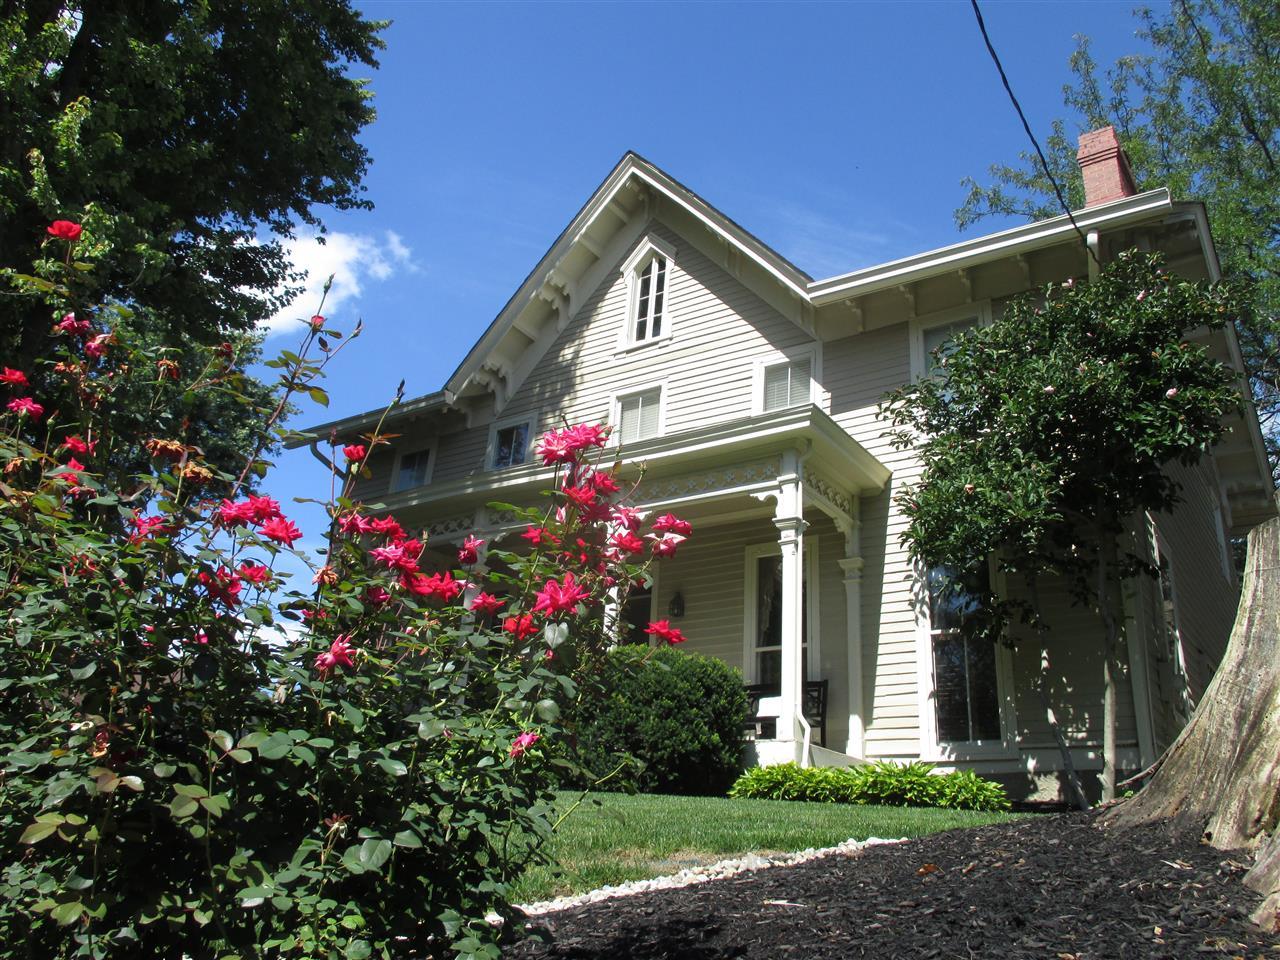 #leadingrelocal #HistoricHomes #ColumbiaTusculum #CincinnatiOhio #VictorianHomes